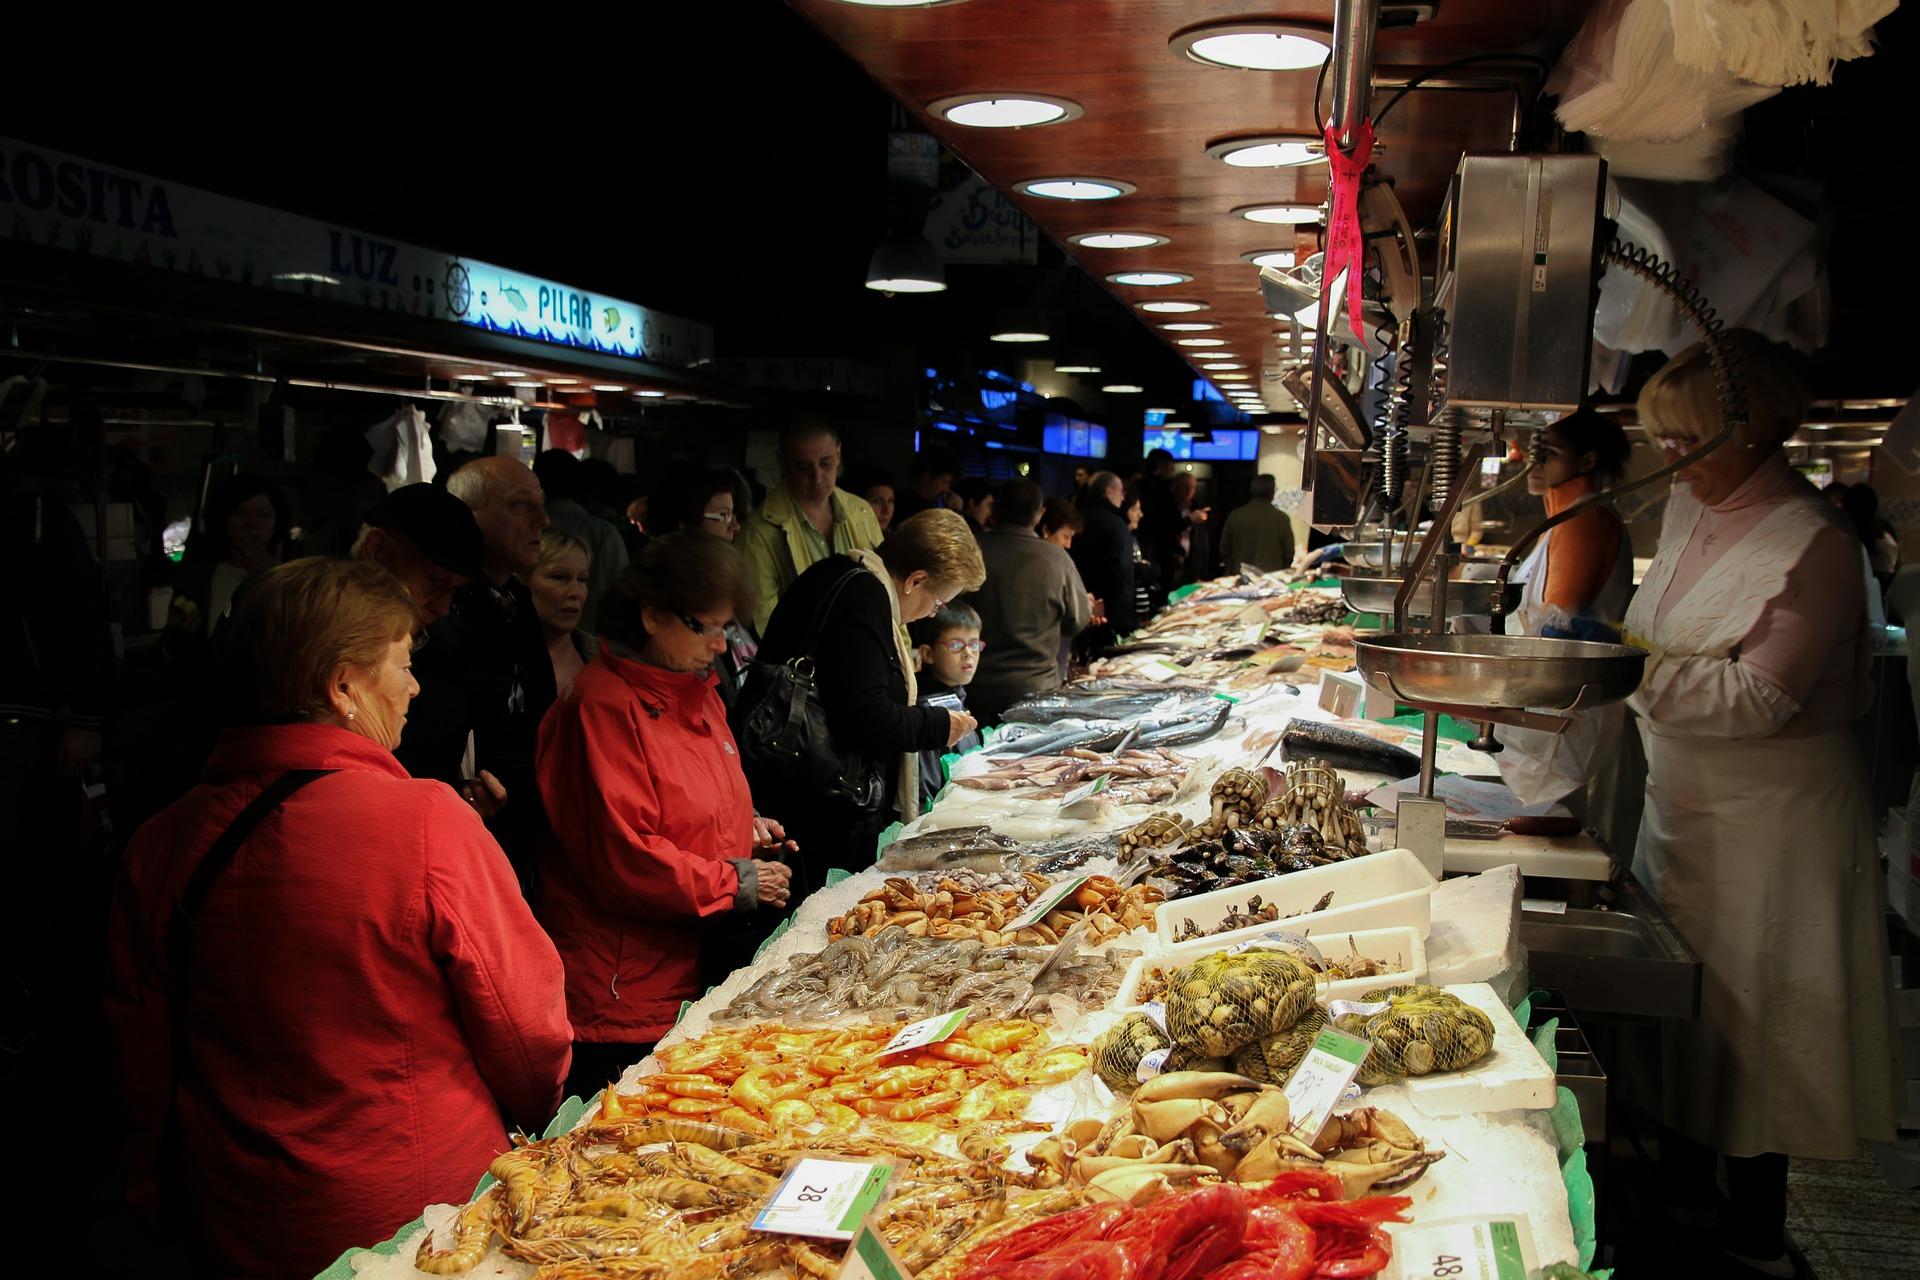 Jesu li europski potrošači spremni platiti više za morske plodove koji nose oznaku održivosti?